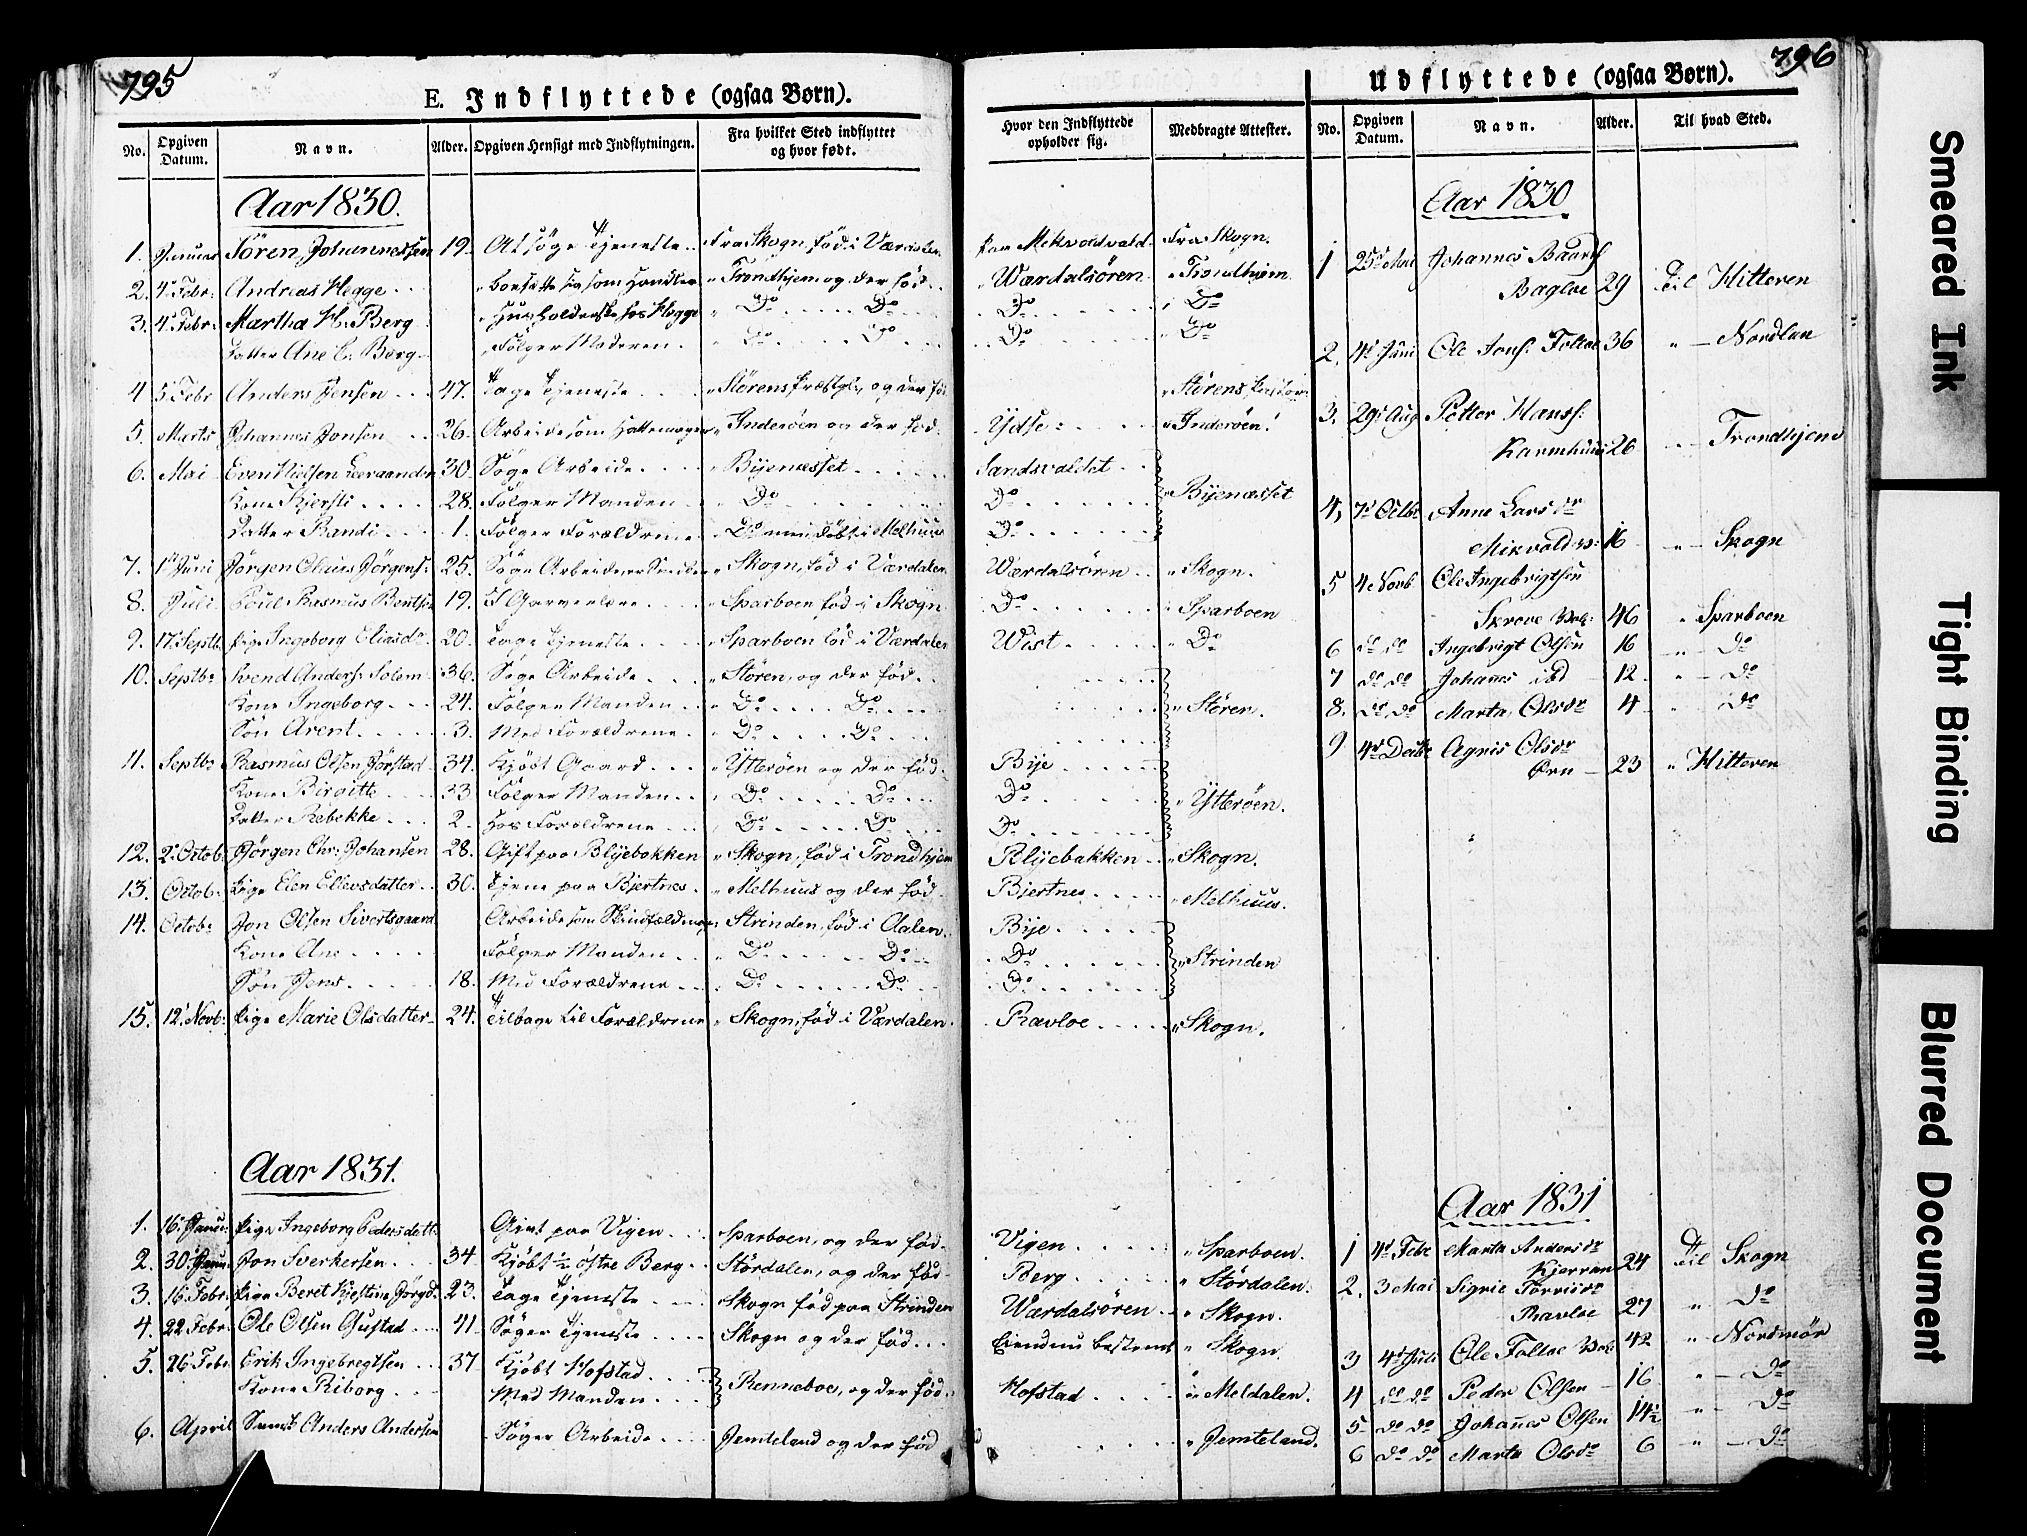 SAT, Ministerialprotokoller, klokkerbøker og fødselsregistre - Nord-Trøndelag, 723/L0243: Ministerialbok nr. 723A12, 1822-1851, s. 795-796